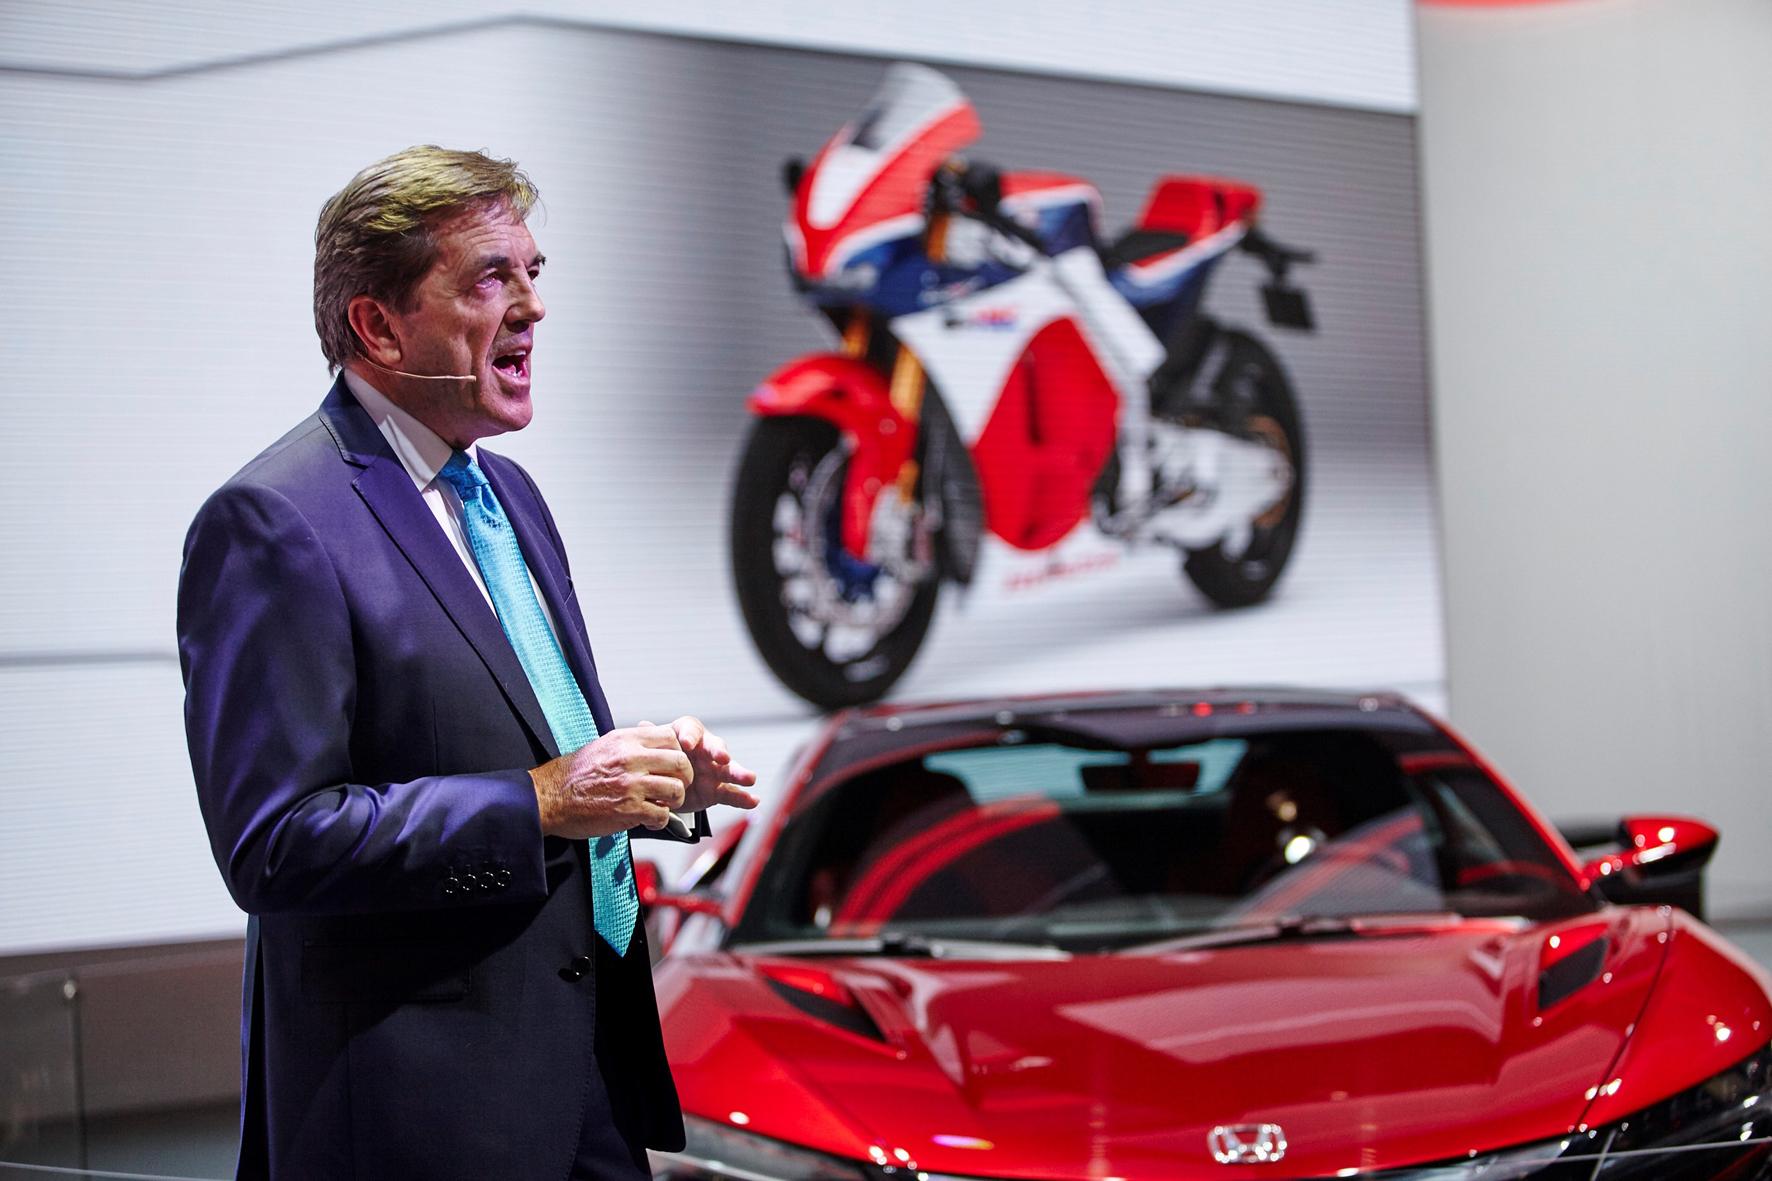 """mid Frankfurt am Main - Hondas Europachef Philip Ross (Foto) sieht das Jahr 2015 als """"Anfang einer vielversprechenden Zukunft für Honda"""". Schaffen wollen die Japaner den Aufschwung mit sportlicheren und zugleich praktischen Fahrzeugen."""